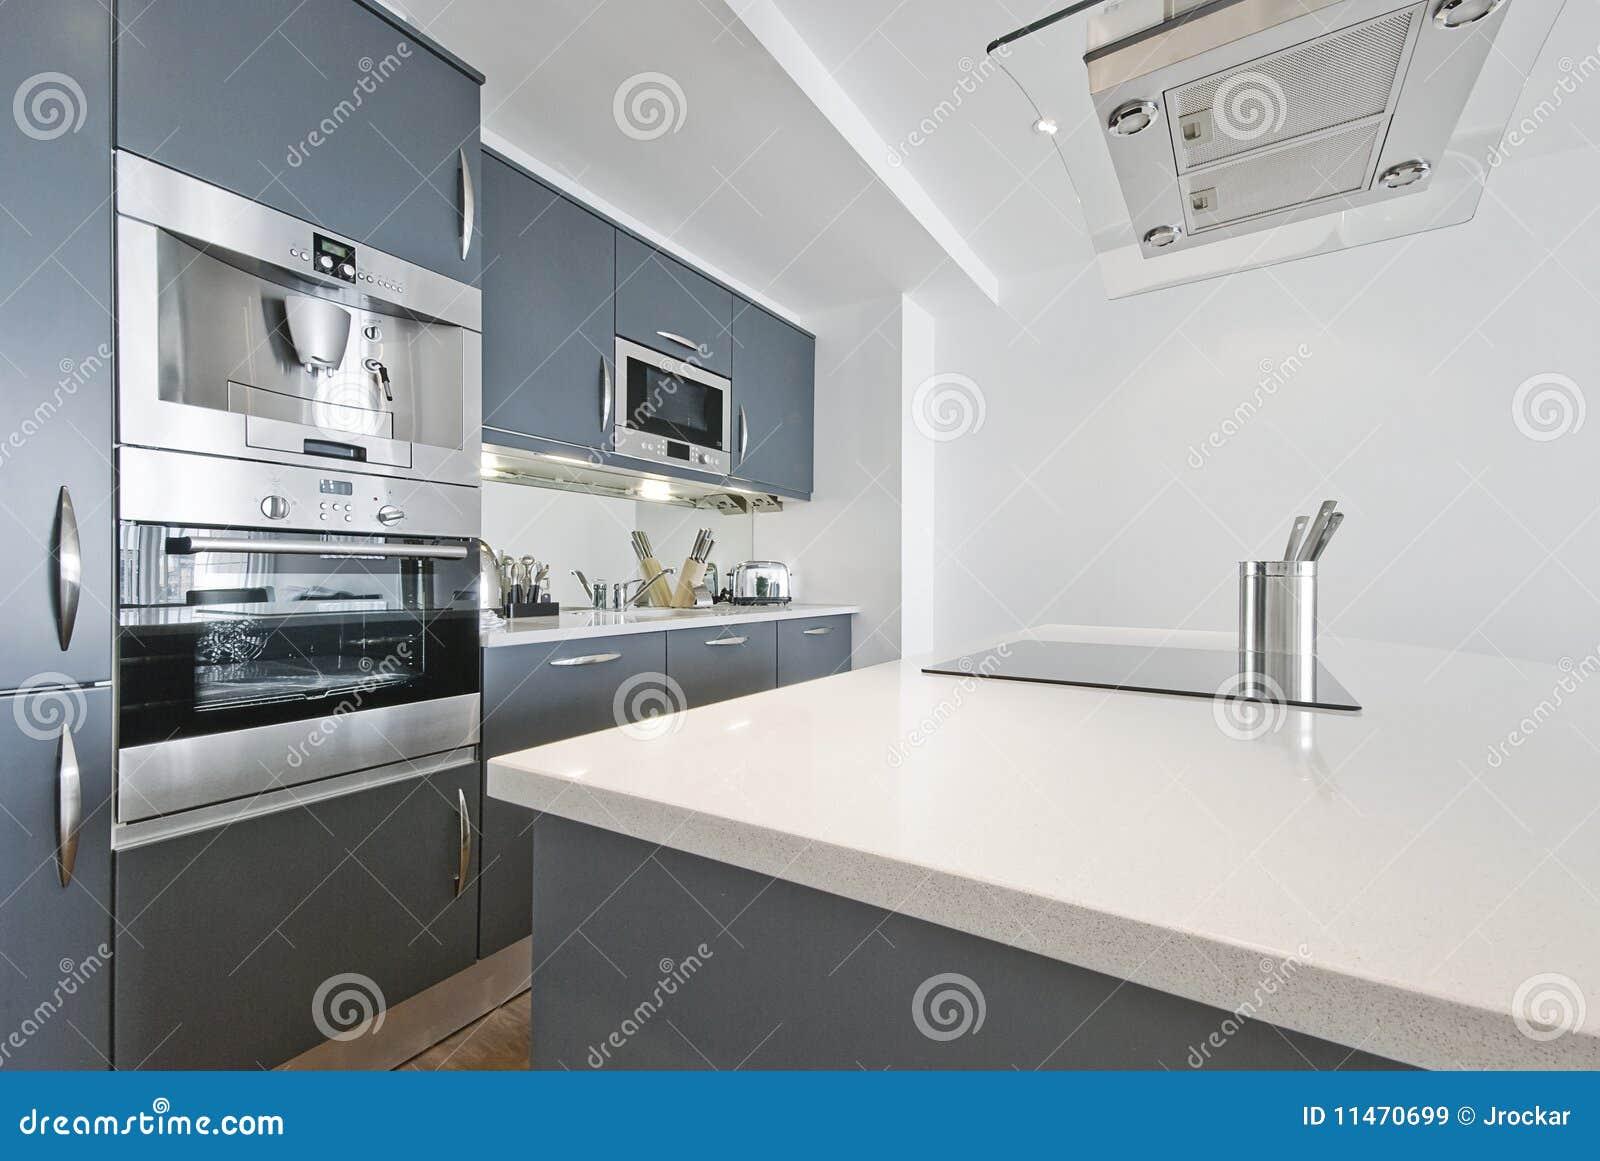 De moderne witte keuken van de luxe royalty vrije stock foto's ...